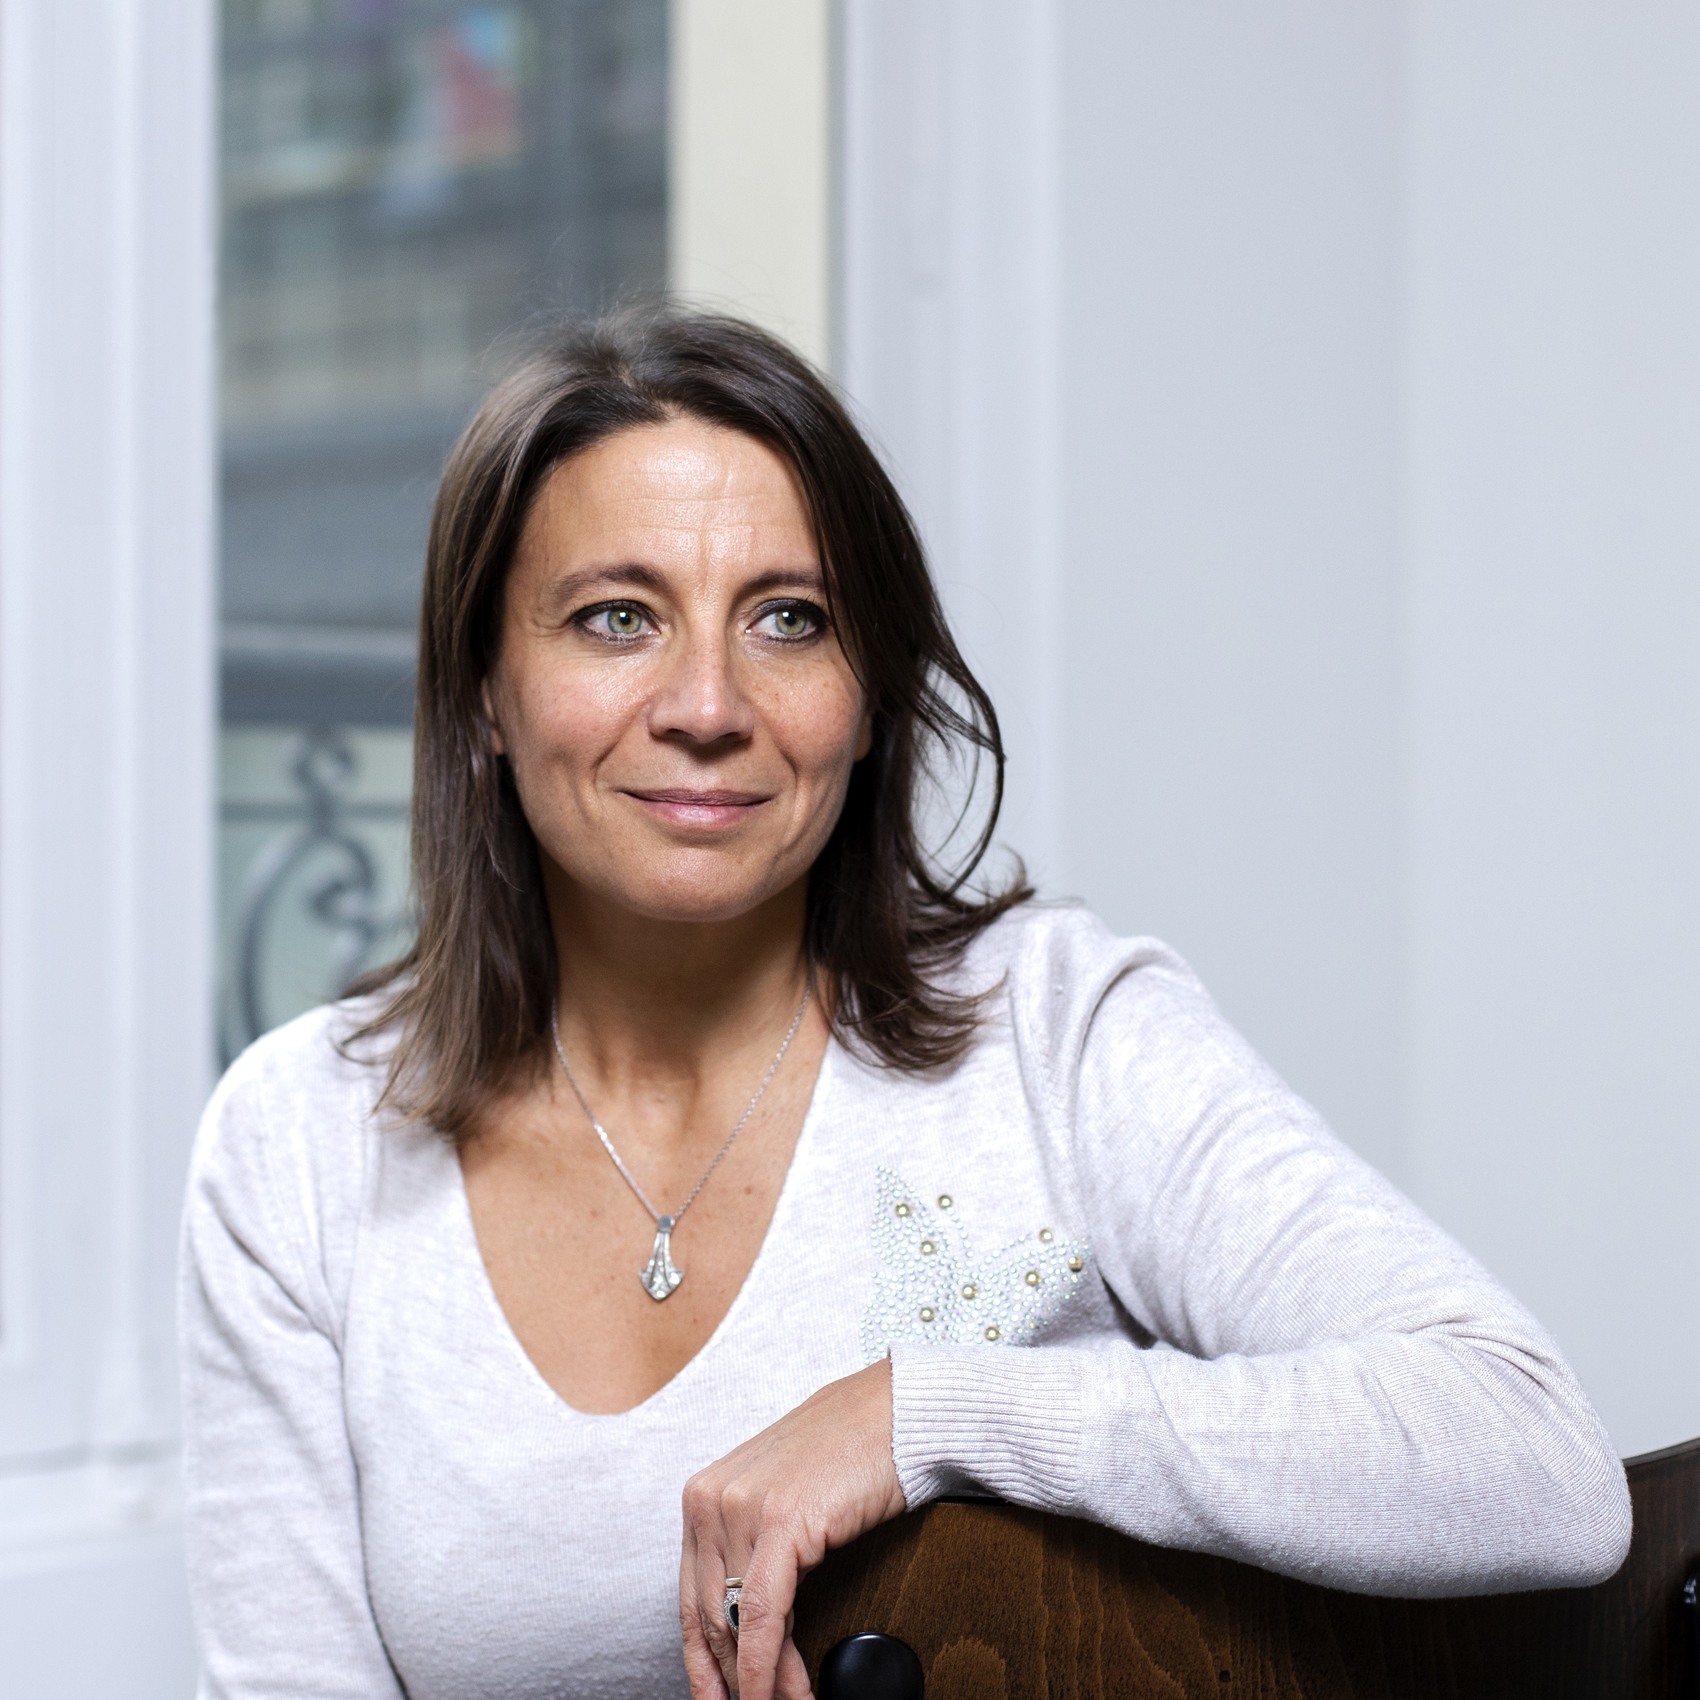 Cécile Joly